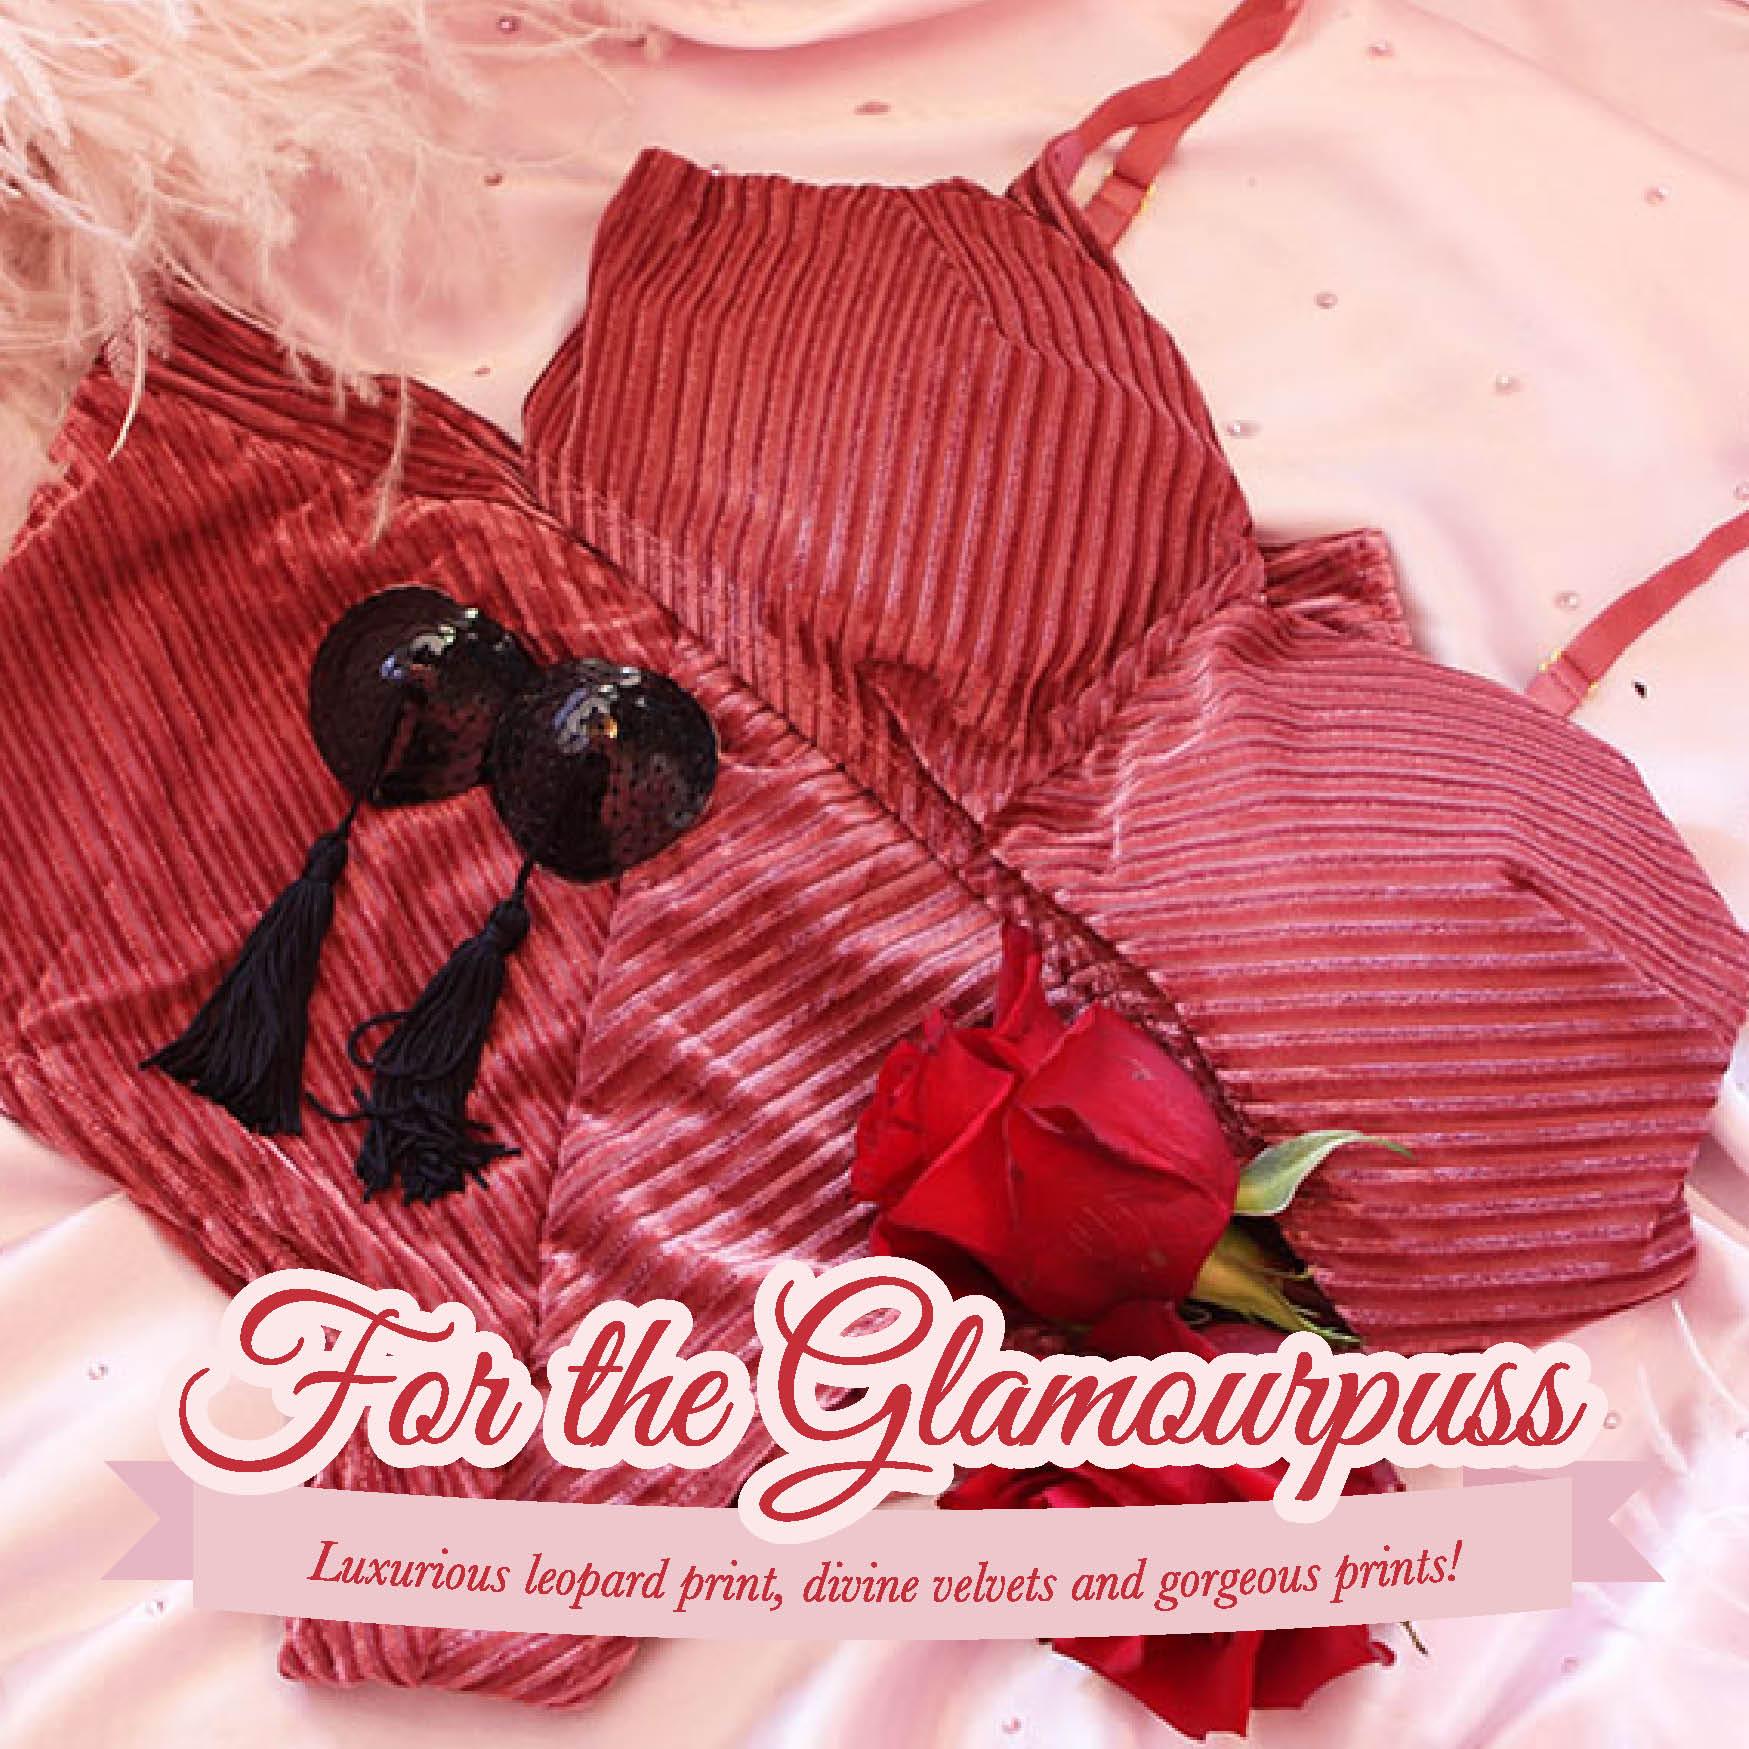 For the Glamourpuss.jpg